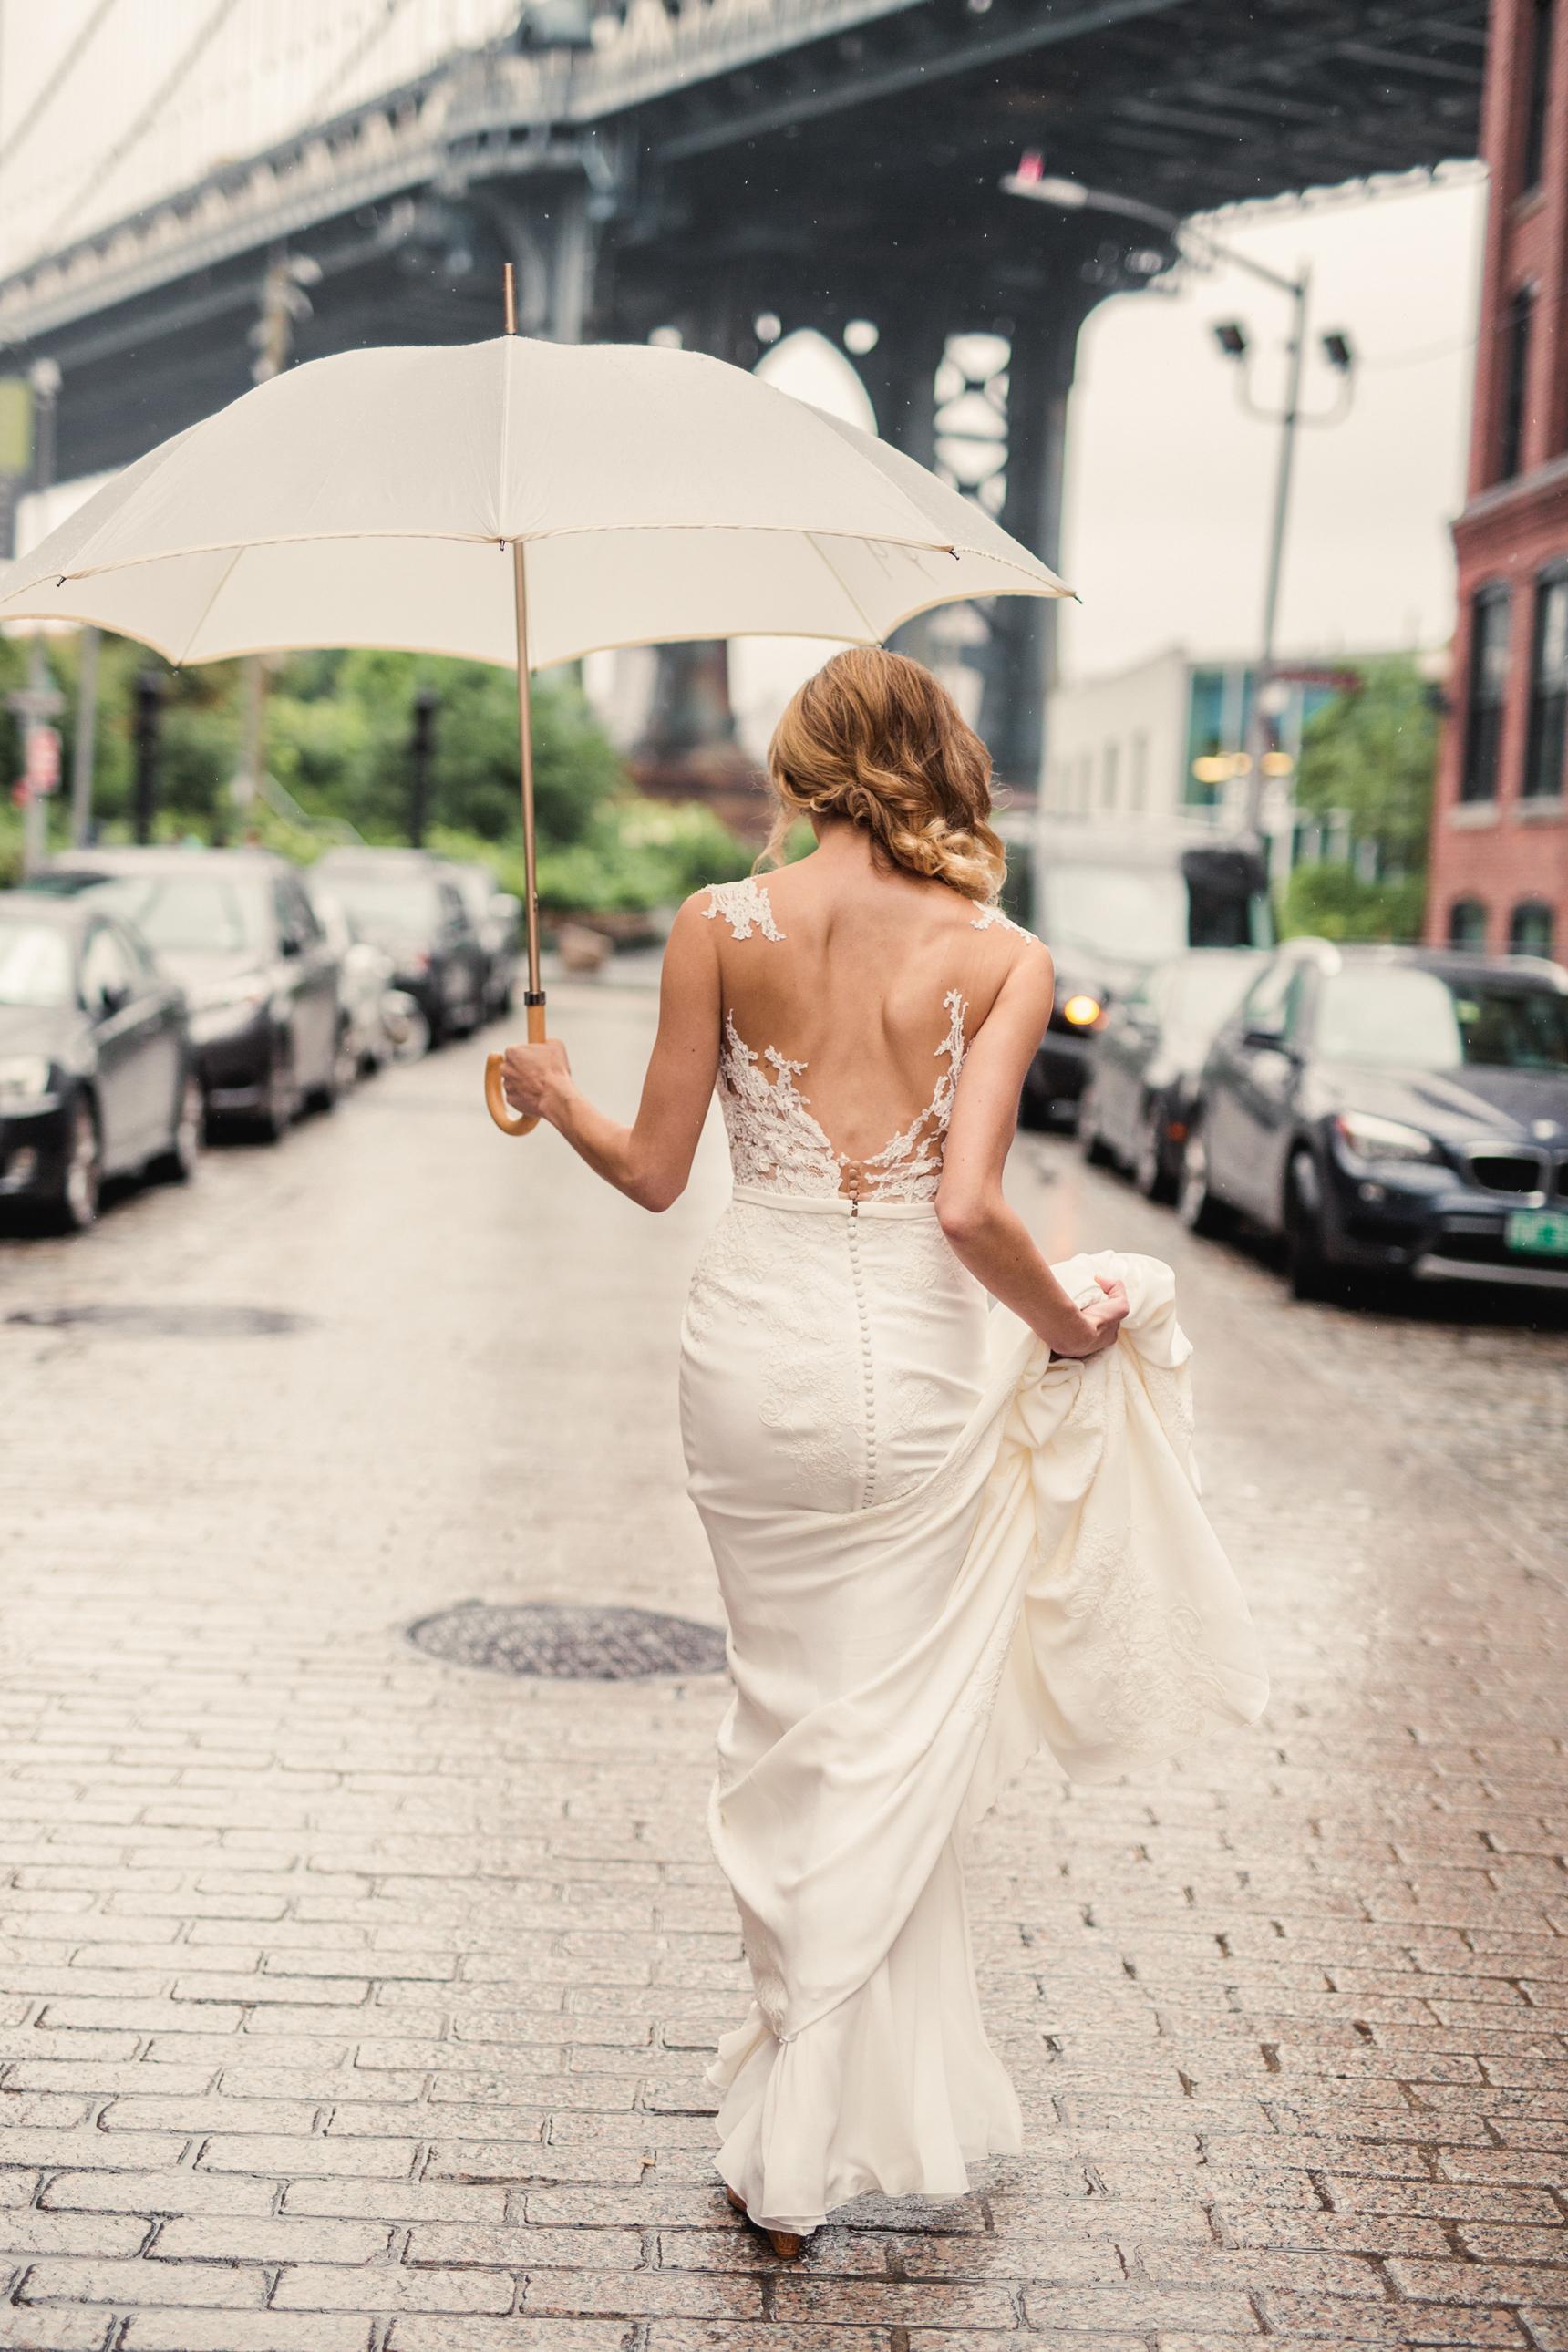 Jory_LoebBoathouse_CentralPark_NewYork_WeddingPhotographer049.jpg